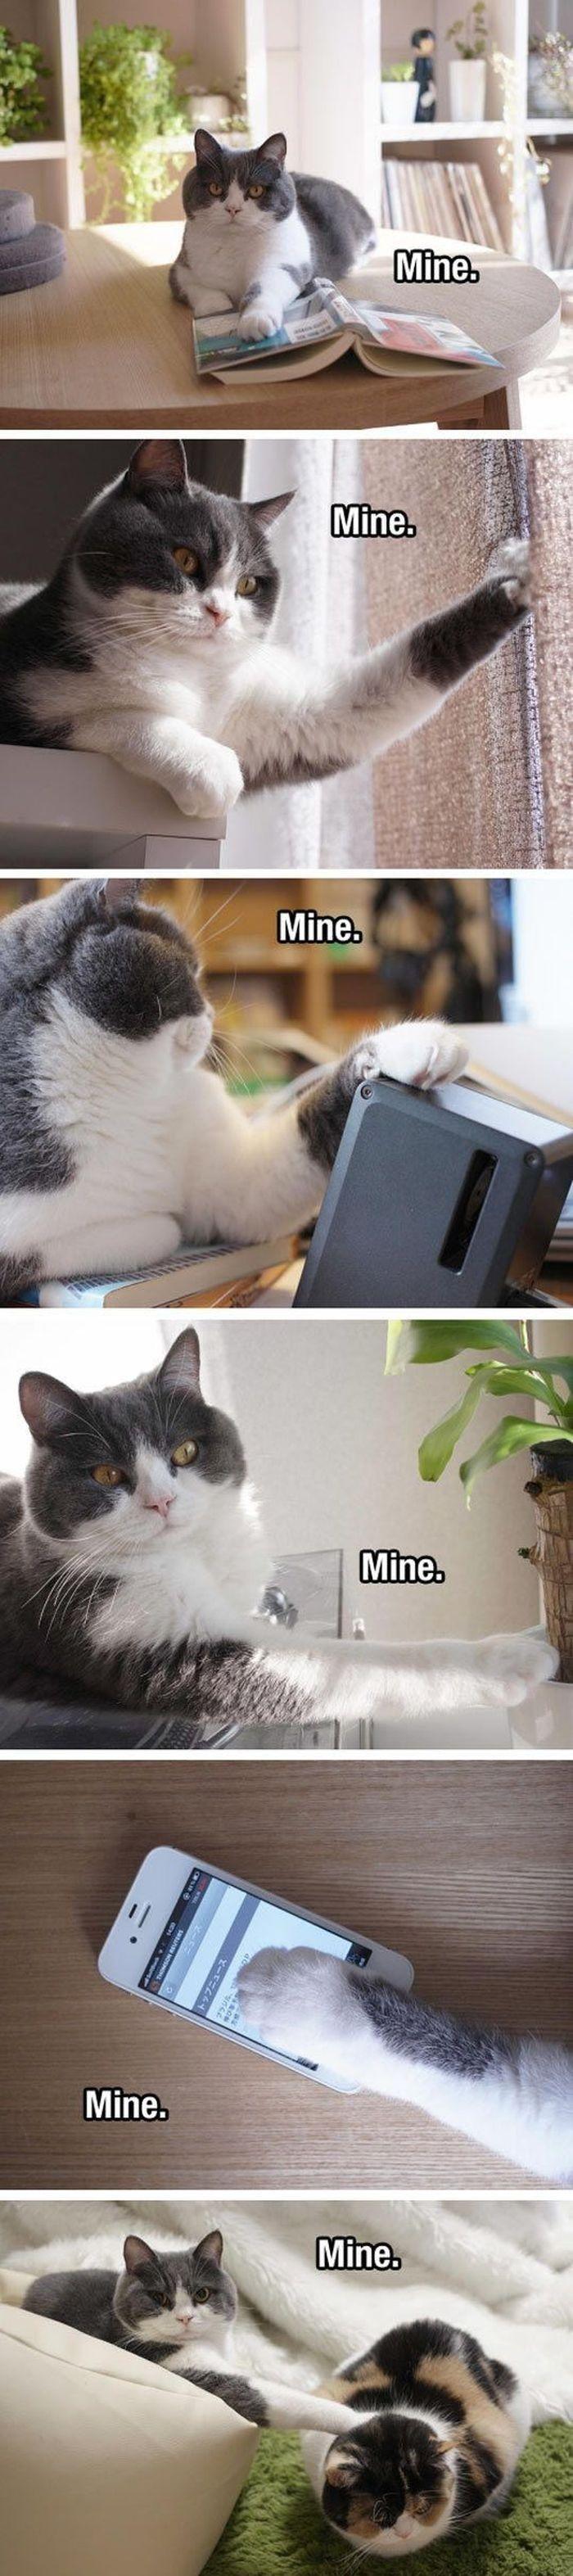 Animal Memes Of The Day 30 Pics – Ep26 #memes #animalmemes #lovelyanimalsworld